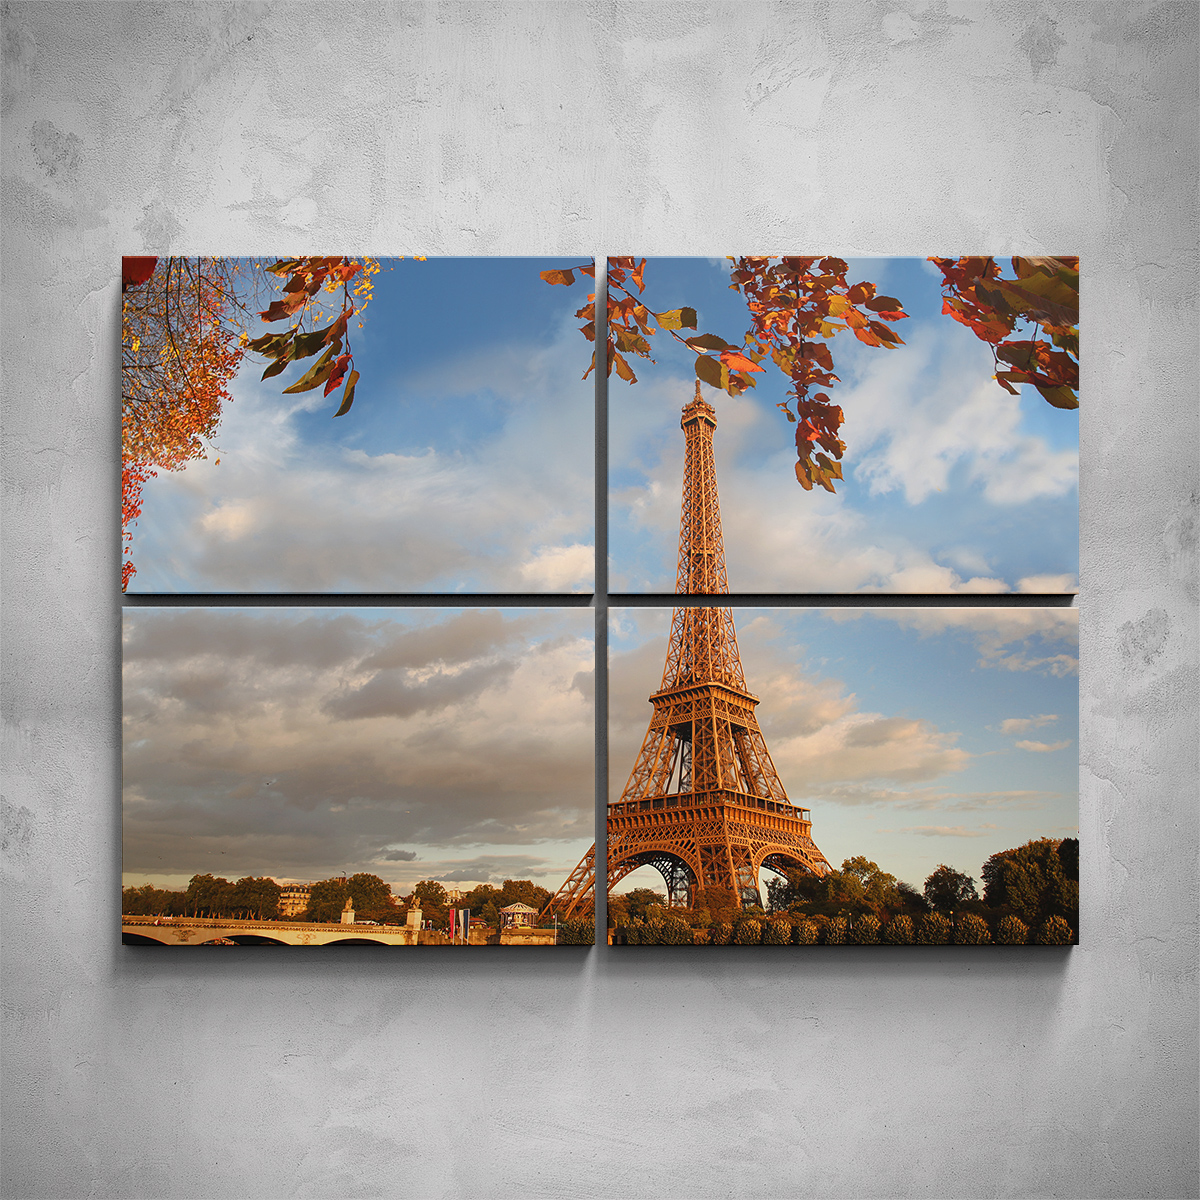 4-dílný obraz - Podzimní Eiffelova věž - PopyDesign